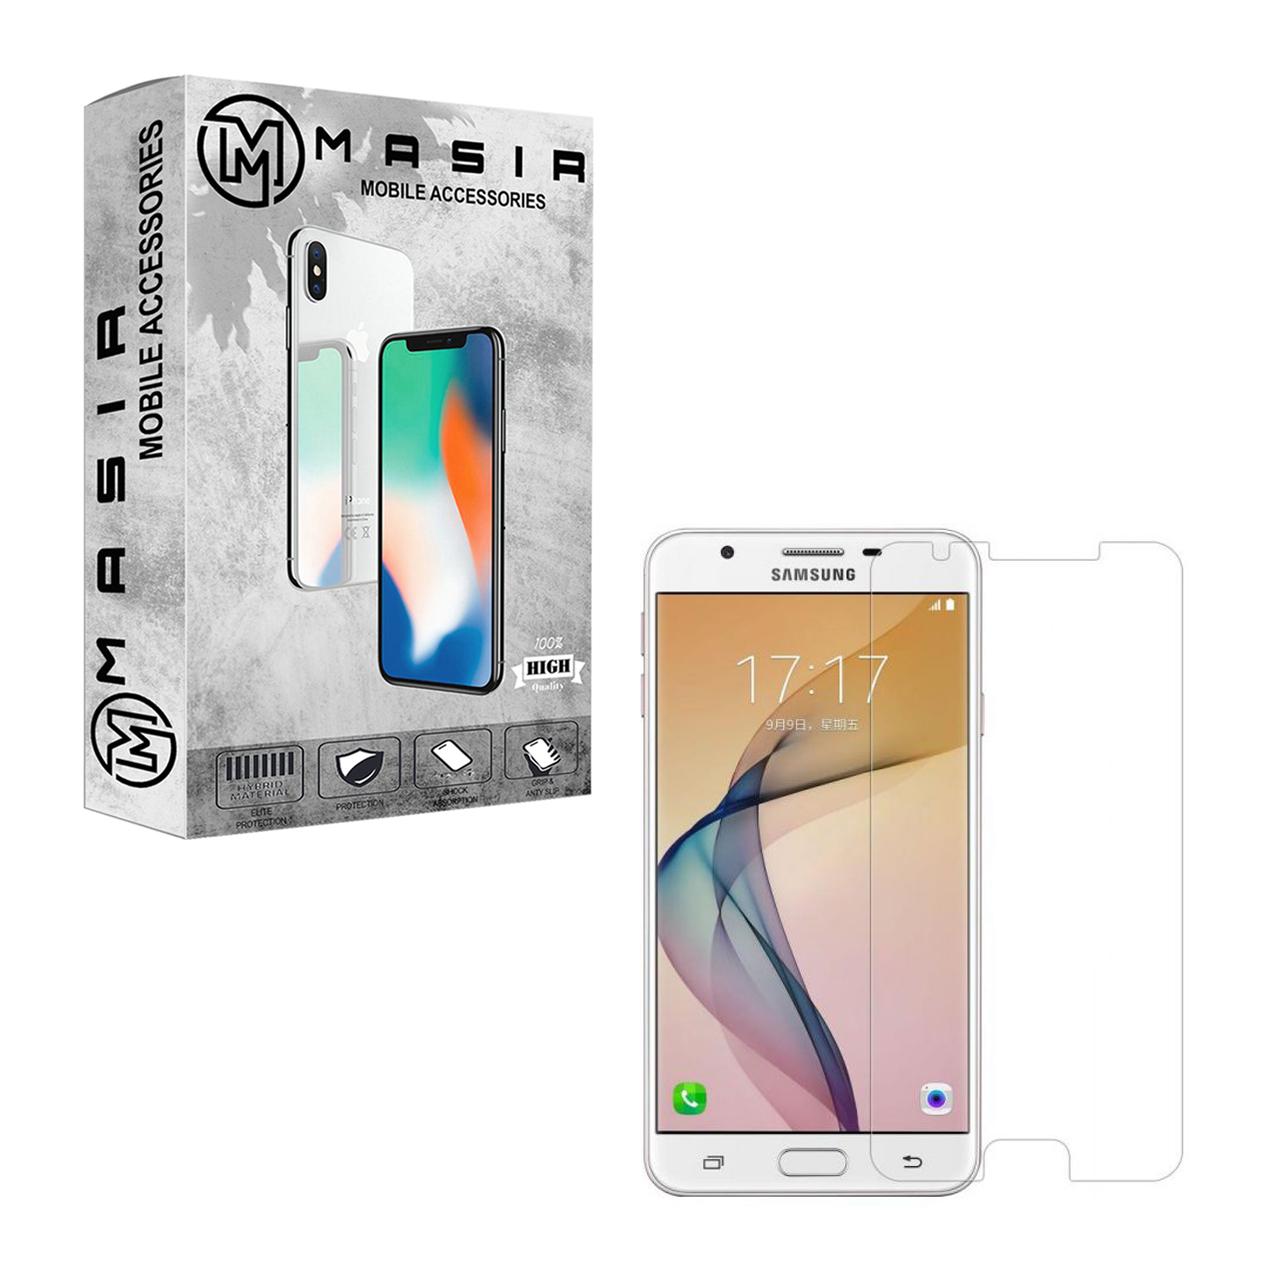 محافظ صفحه نمایش مسیر مدل MGMJ-1 مناسب برای گوشی موبایلسامسونگ Galaxy J7 Prime              ( قیمت و خرید)